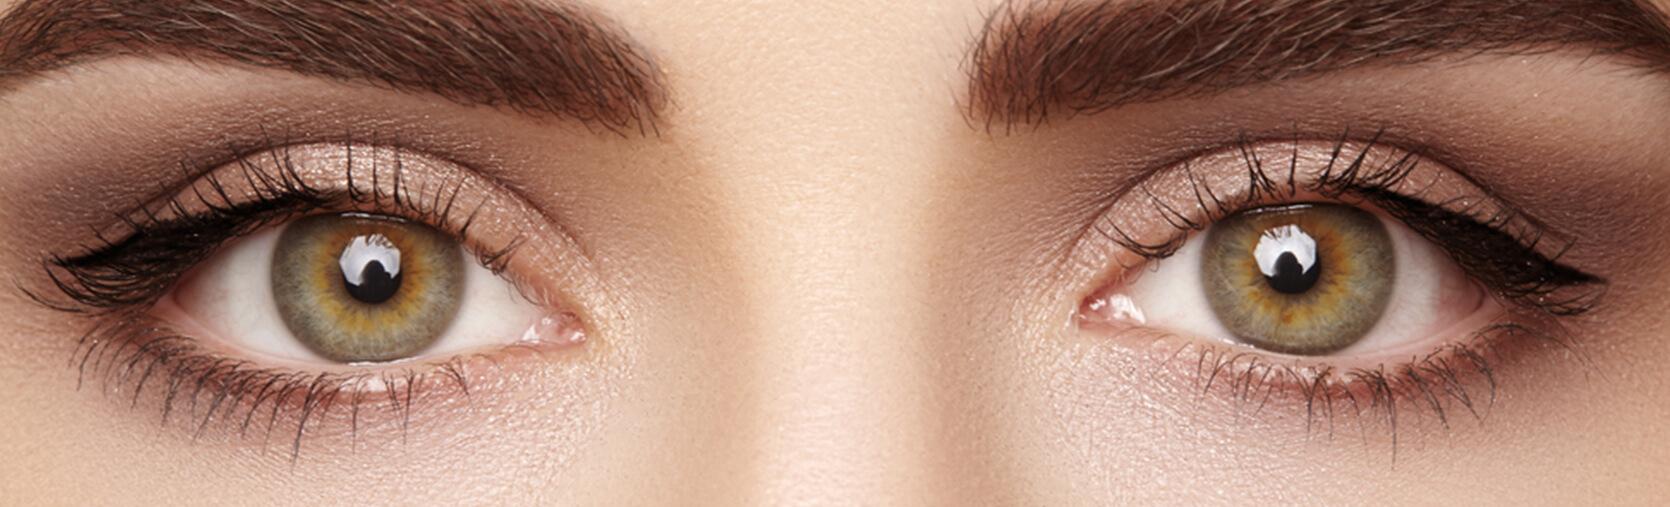 Lenti a contatto: quali sono le migliori per i nostri occhi?